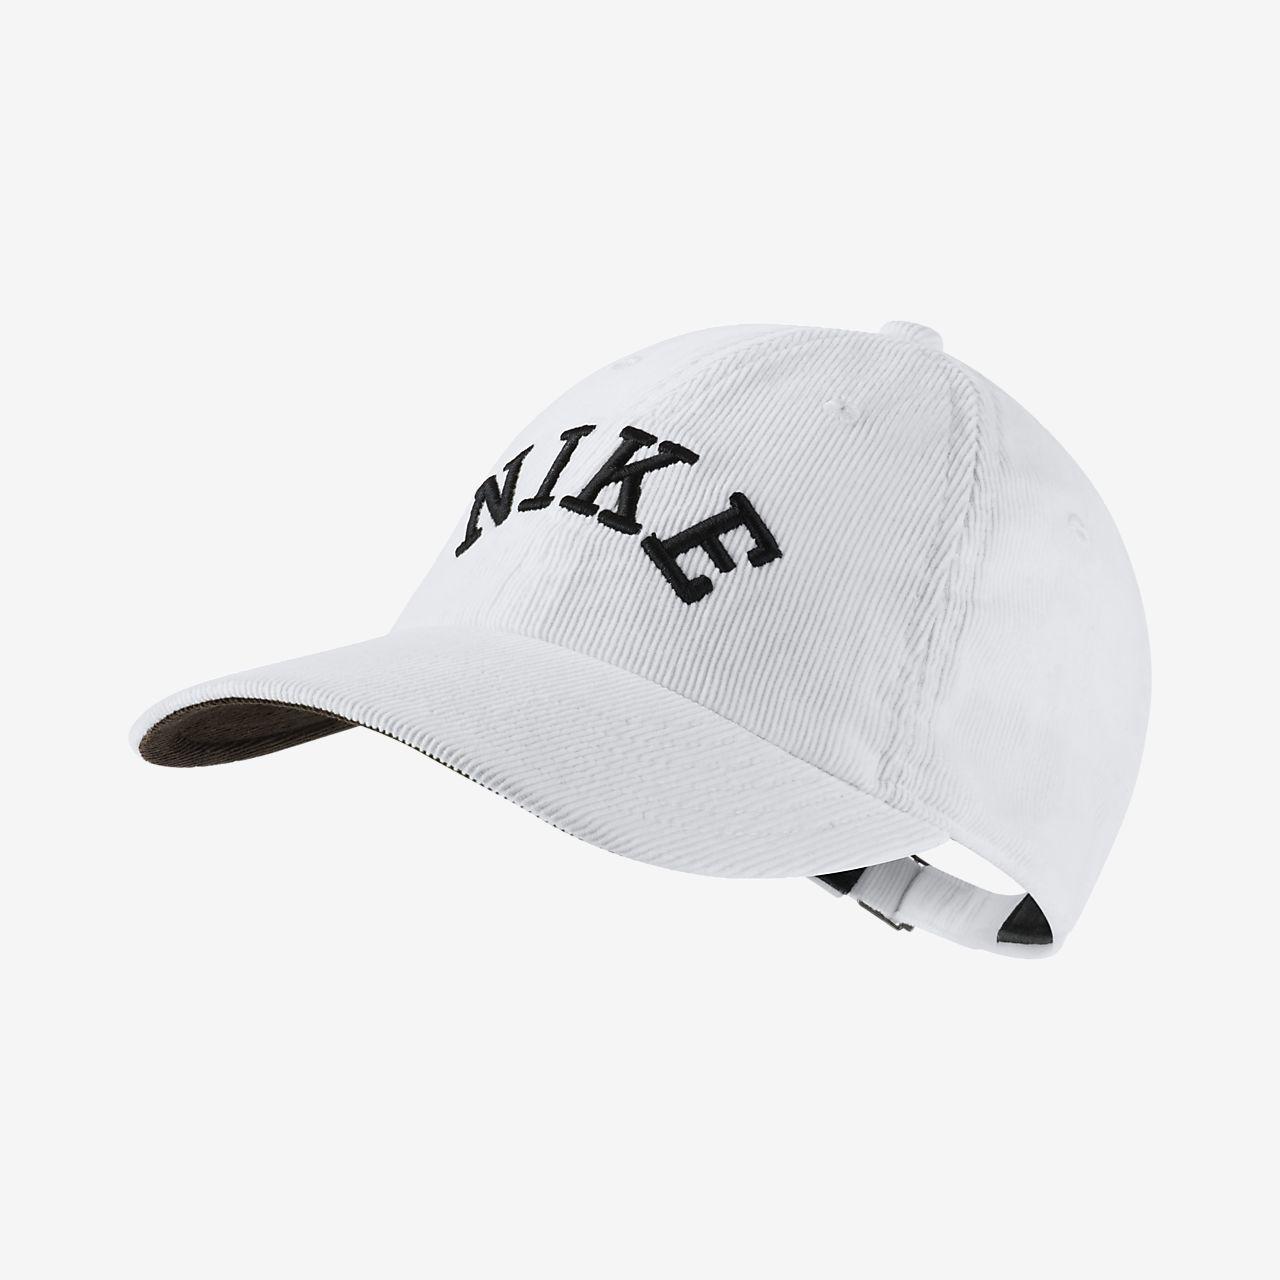 d5fa714de6920 Nike Heritage86 Older Kids  Adjustable Hat. Nike.com AU